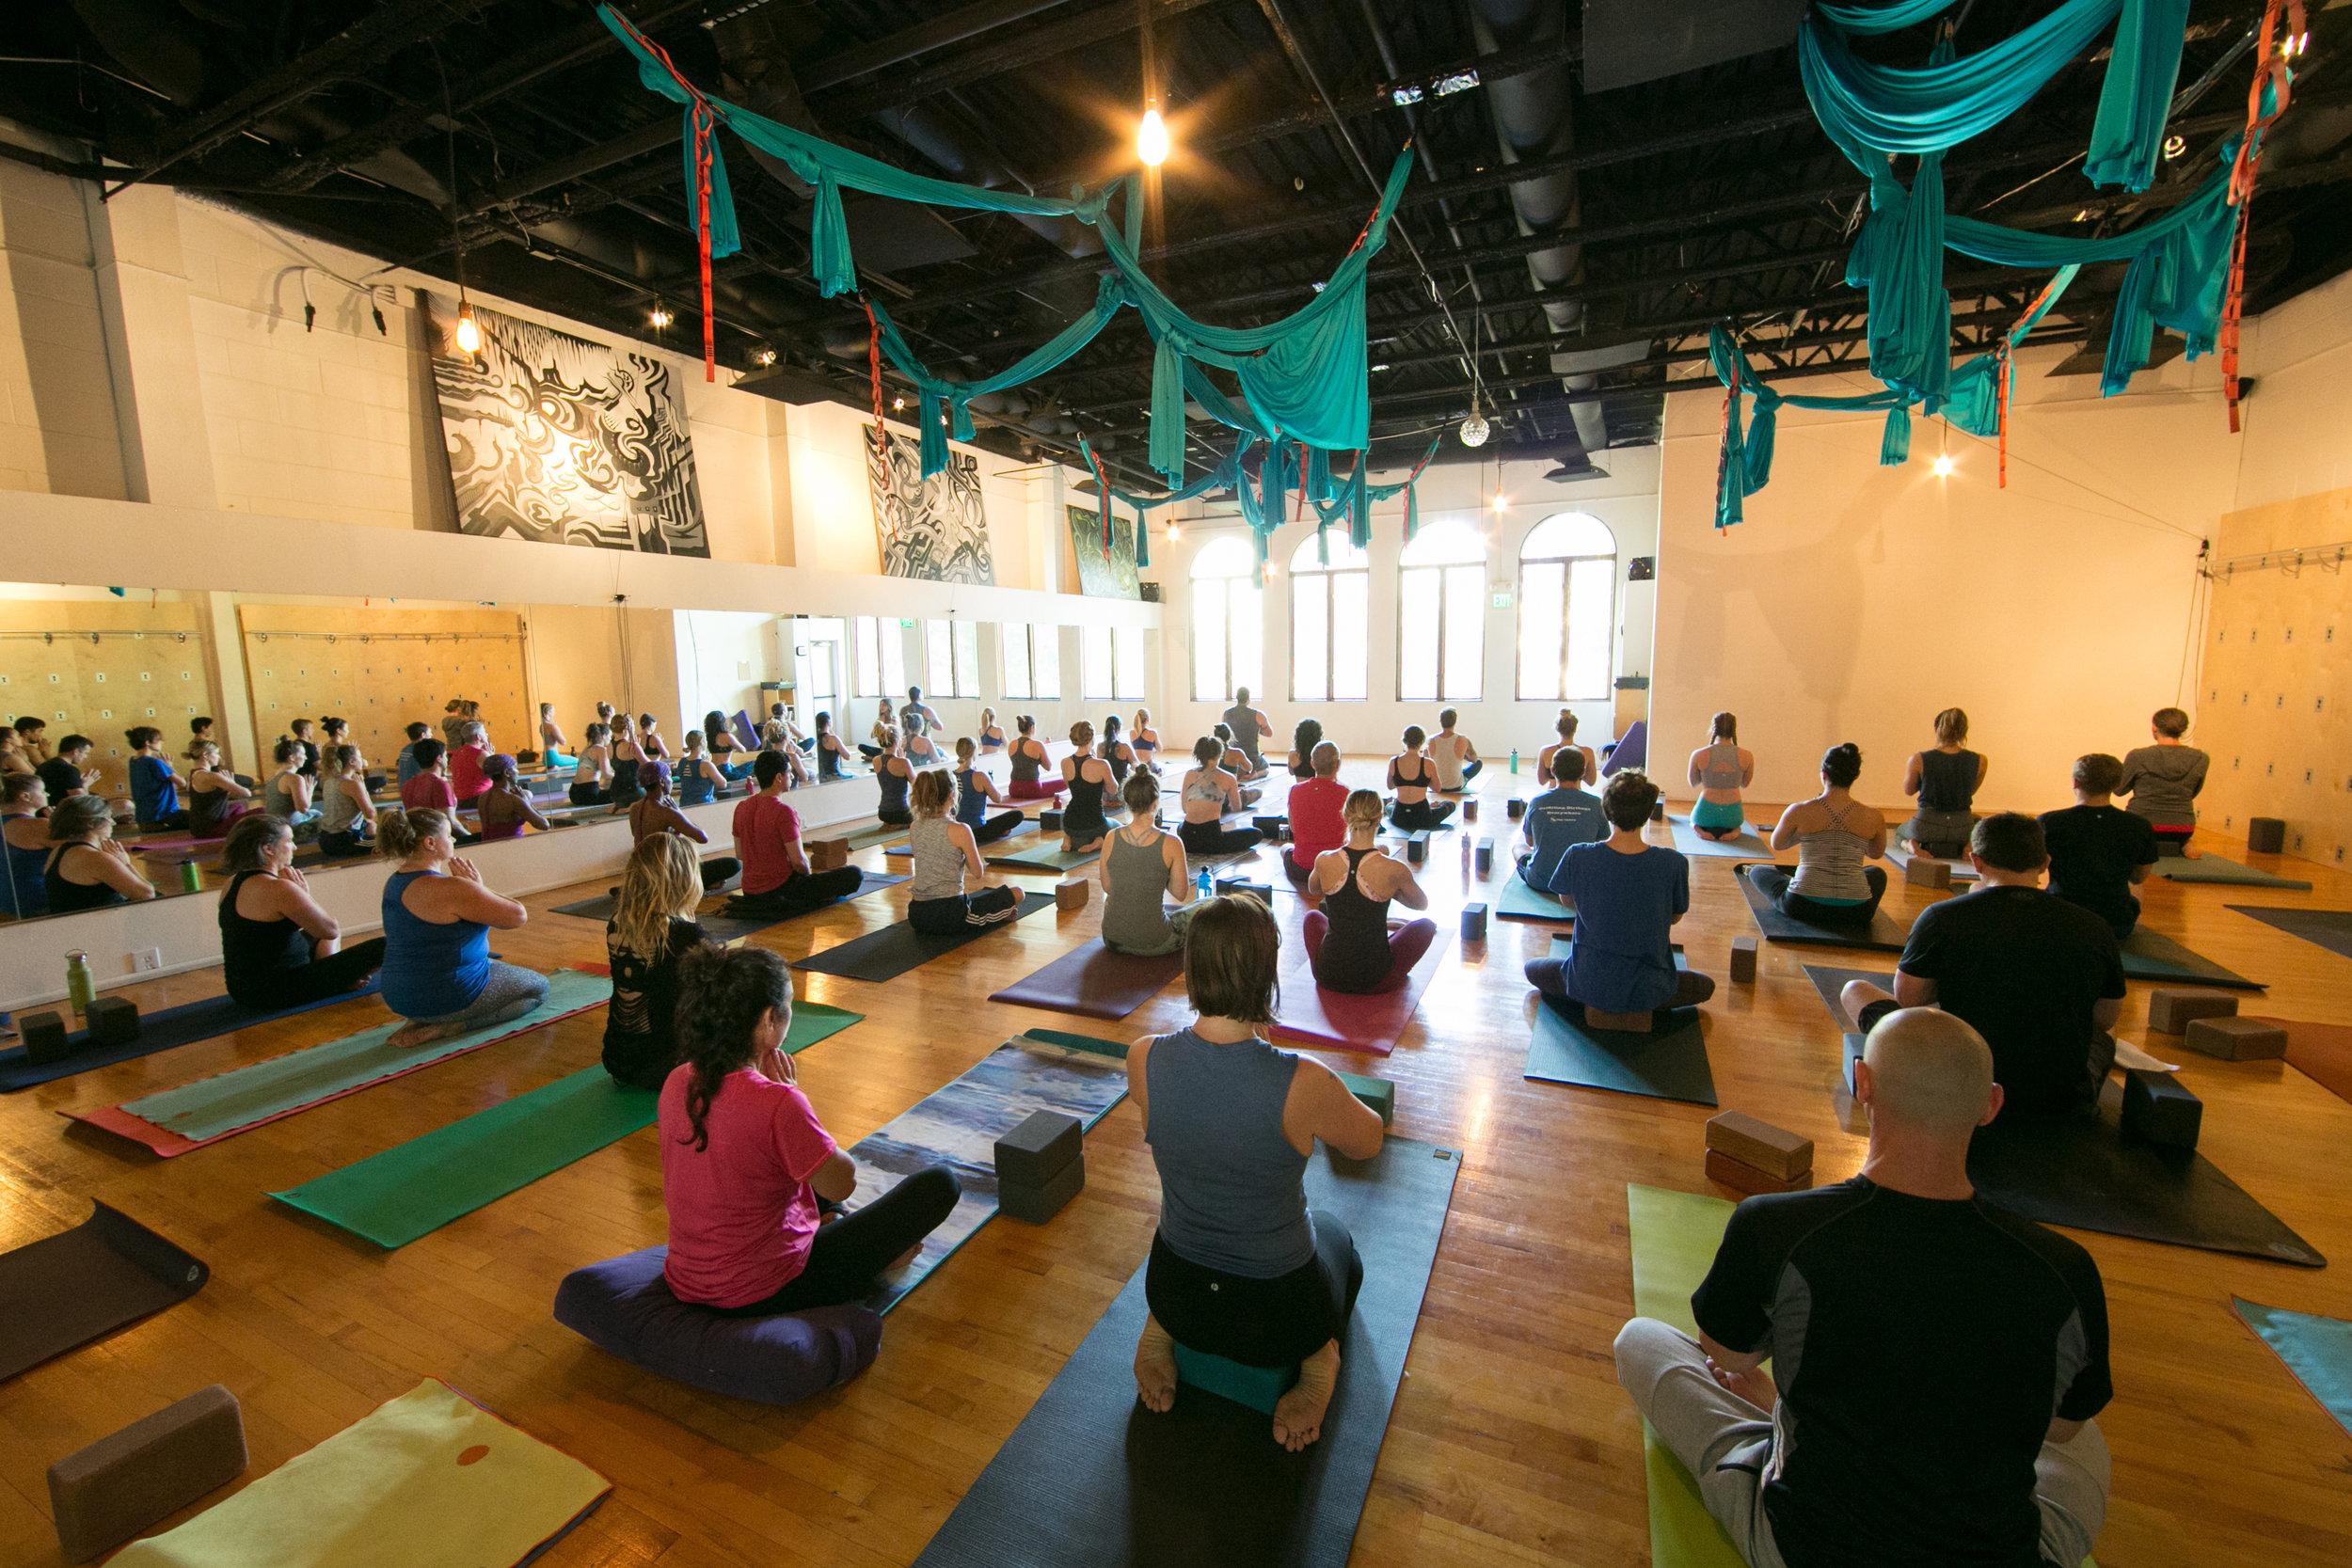 j1217_slo-yoga-center_0291.jpg